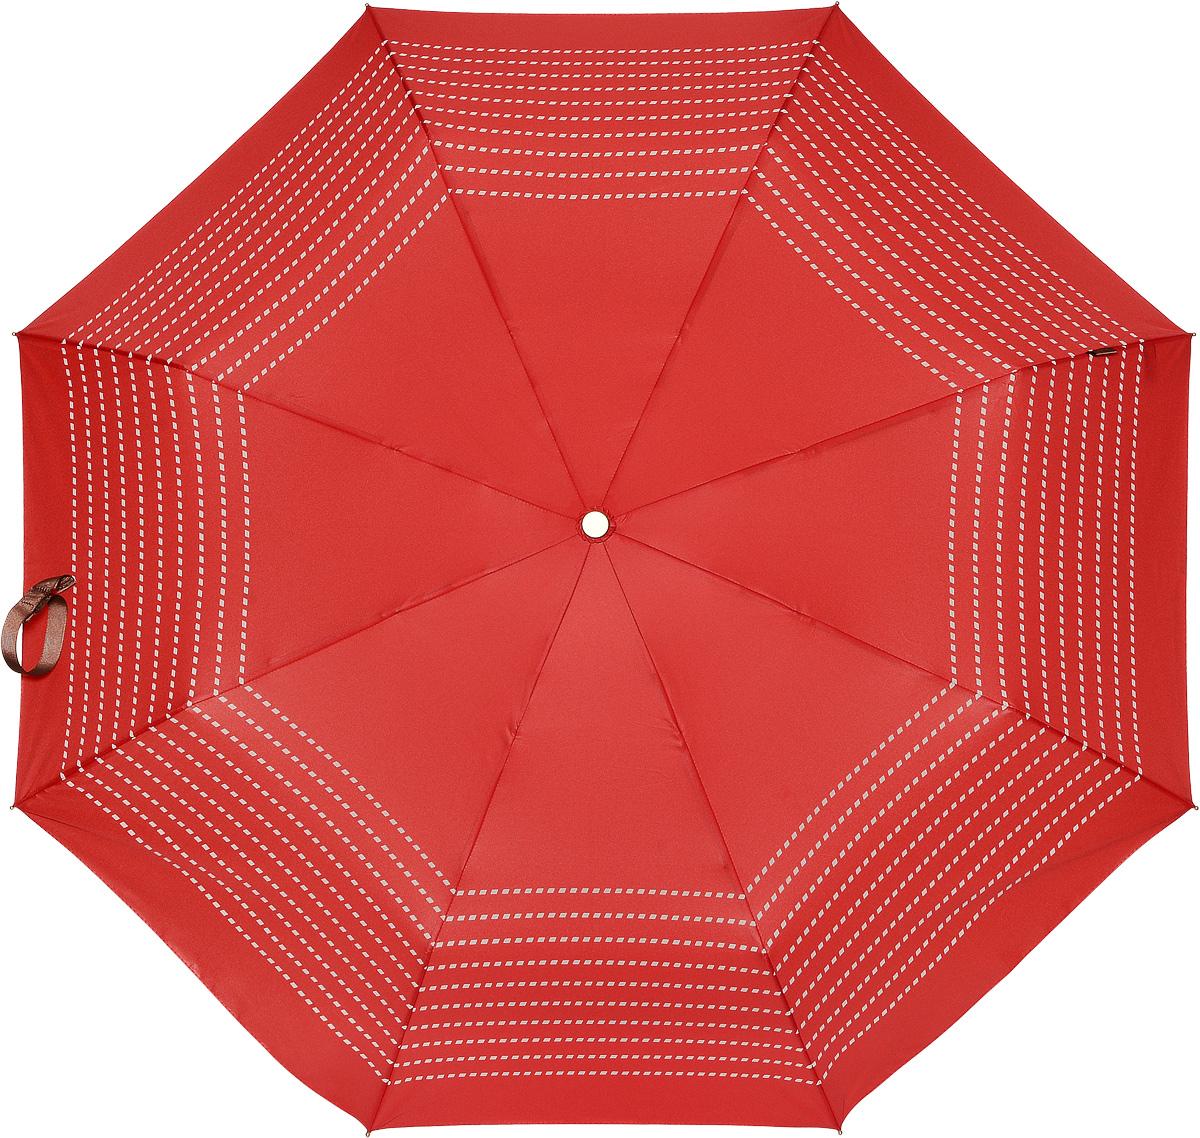 M&P 5789-6 Зонт полный автом. 3 сл. жен.5789-6Зонт испанского производителя Clima. В производстве зонтов используются современные материалы, что делает зонты легкими, но в то же время крепкими.Полный автомат, 3 сложения, 7 спиц, полиэстер.